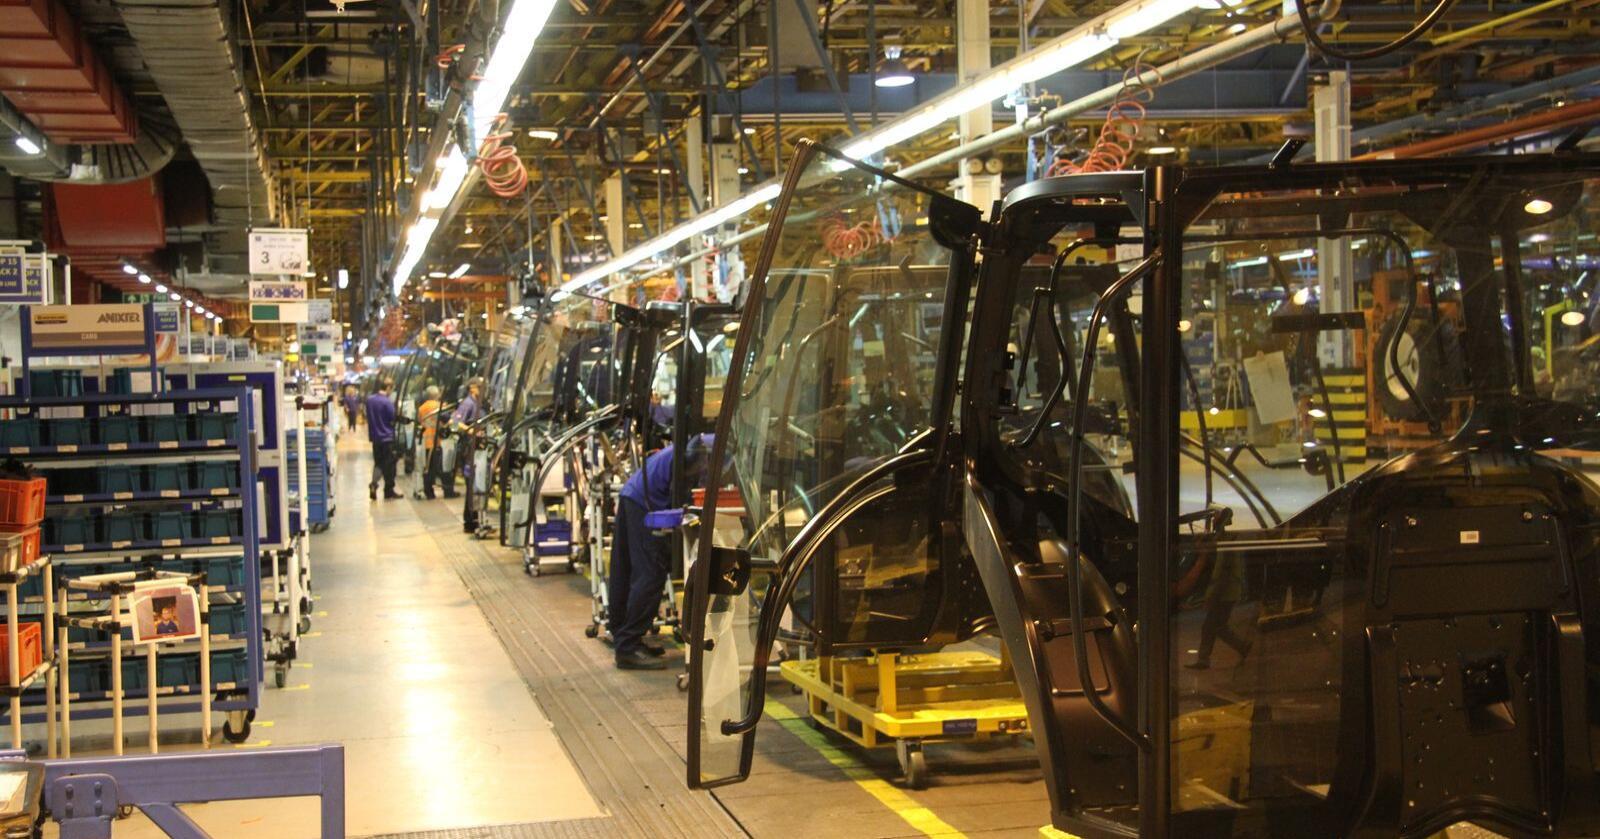 New Holland sin fabrikk i Basildon, England er blant annleggene som nå stenges ned i to uker for å begrense spredningen av Koronaviruset. Arkivfoto: Traktor